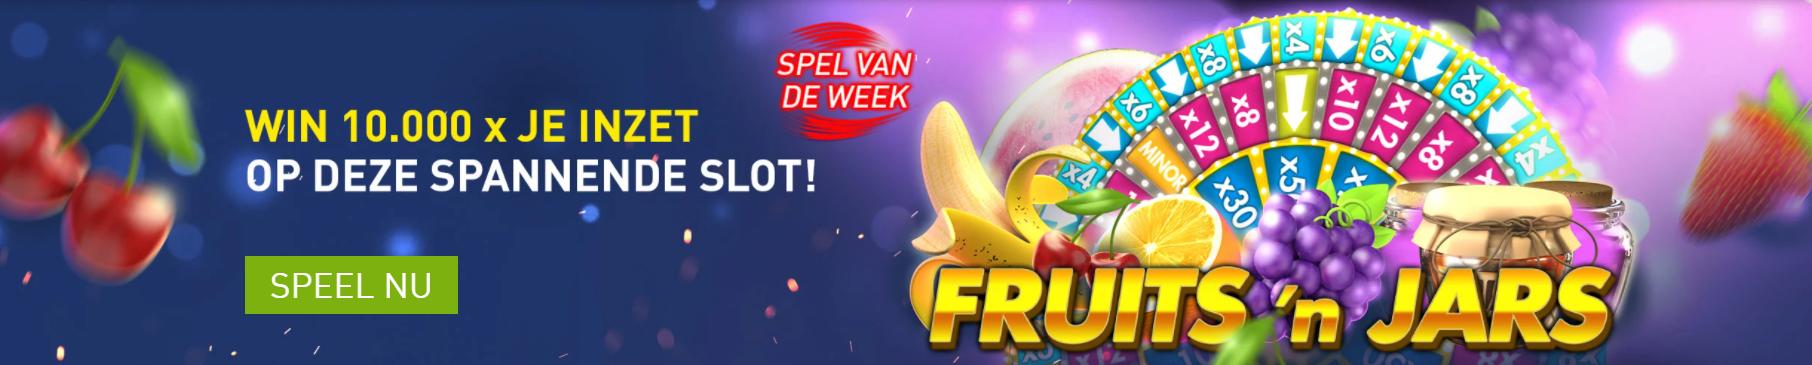 Spellen van de week Online speelhal Casino 777 Napoleon Circus GoldenVegas 2021 Topgames Jackpot